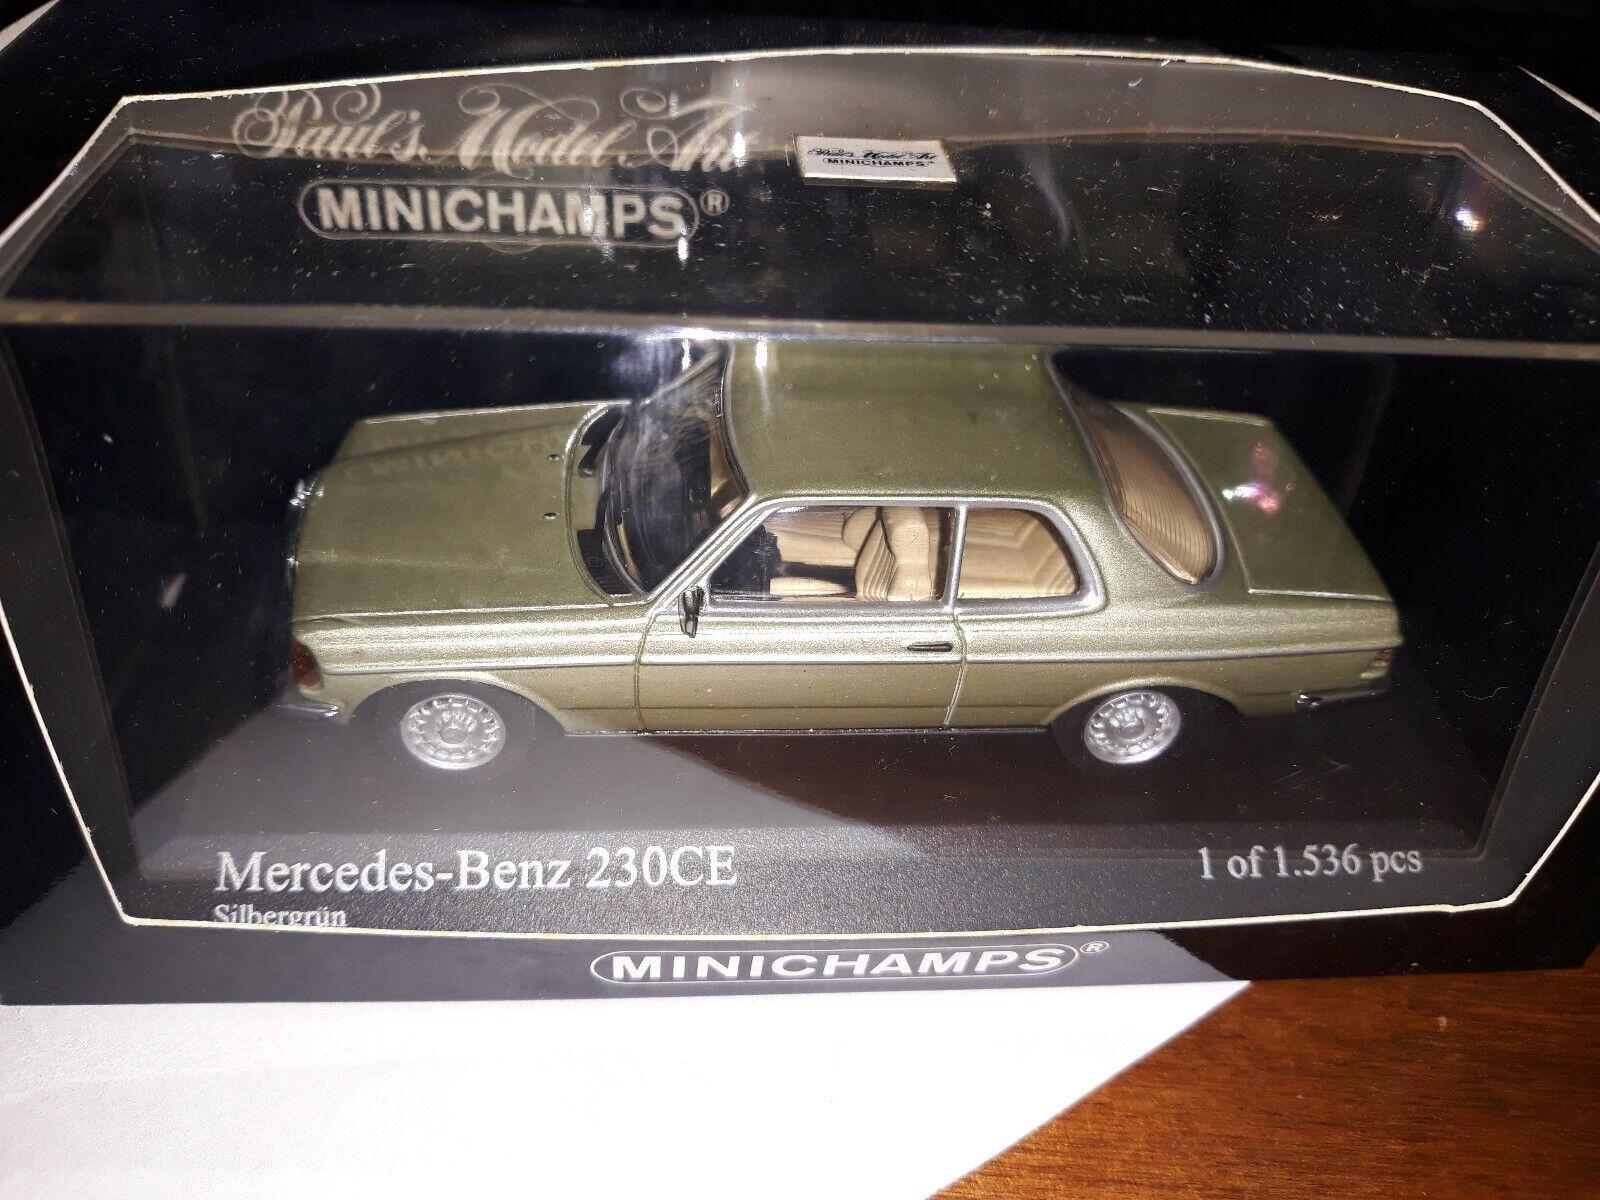 Minichamps 1 43 Mercedes Benz 230CE 1977 argentoogrun